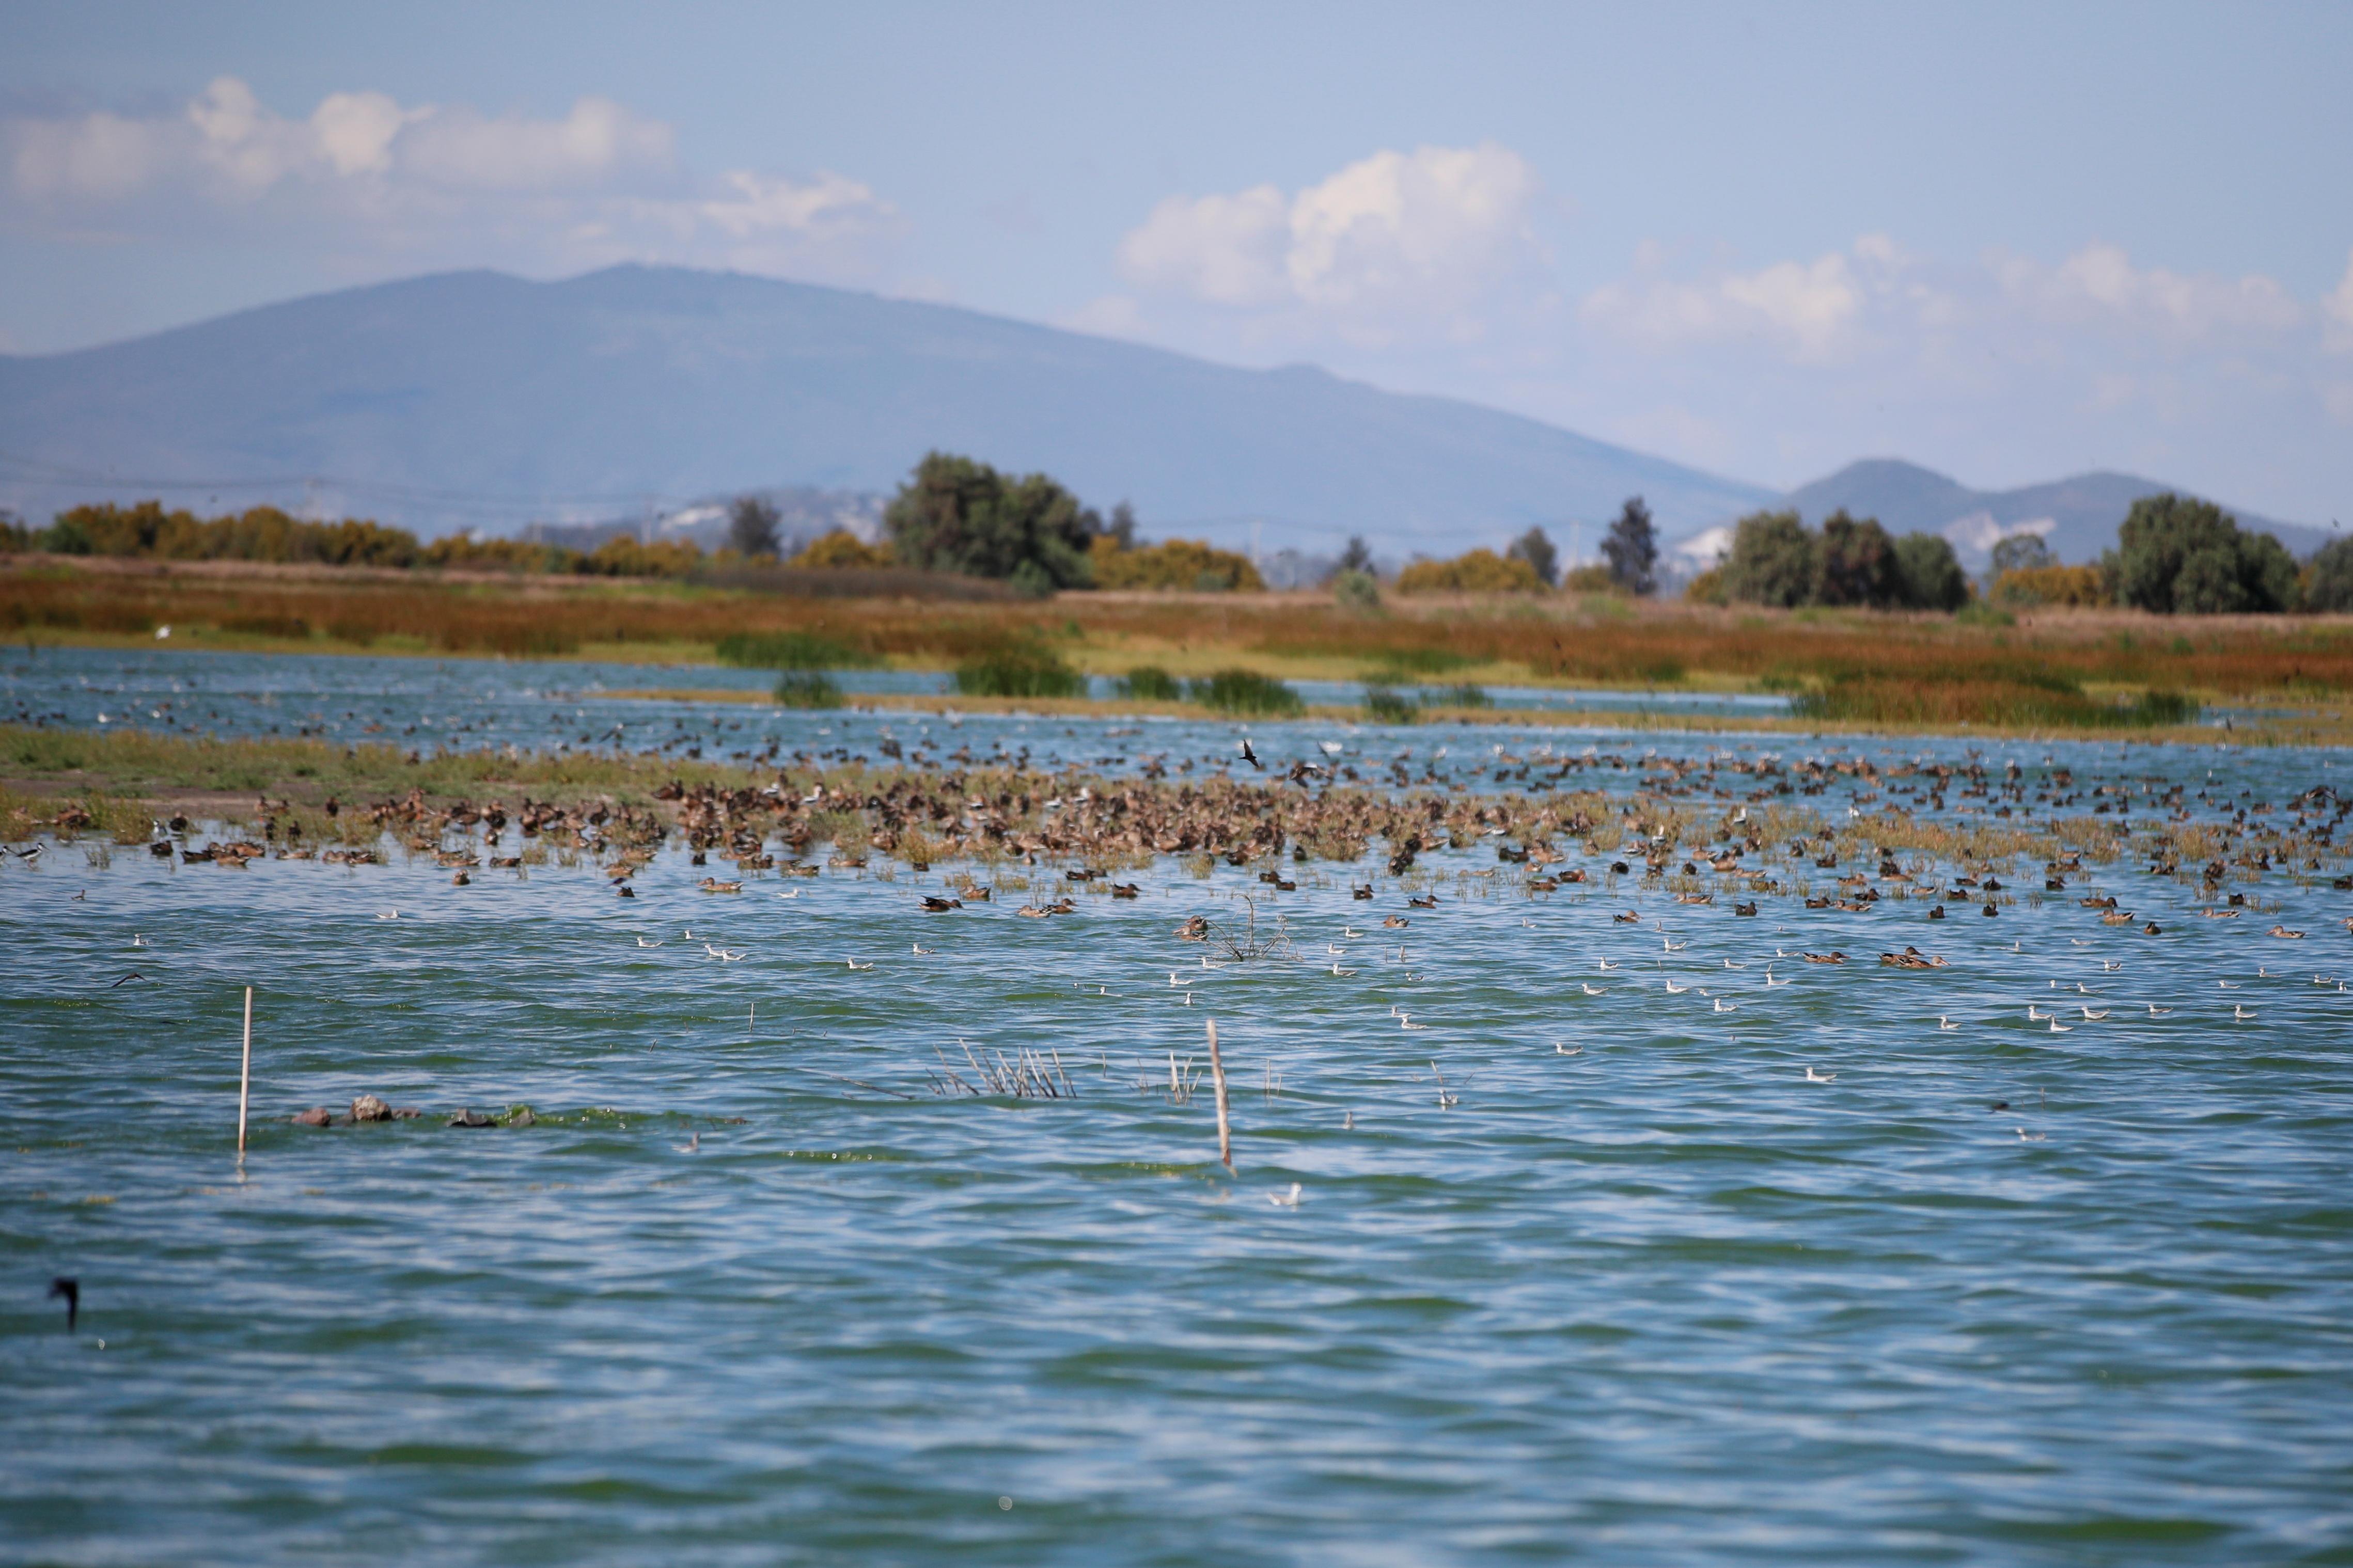 Los pájaros se deslizaban en un estanque debajo de columnas de barras de acero entrecruzadas que debían convertirse en una terminal que recibiría a unos 70 millones de pasajeros al año. Las piezas se venderán como chatarra.